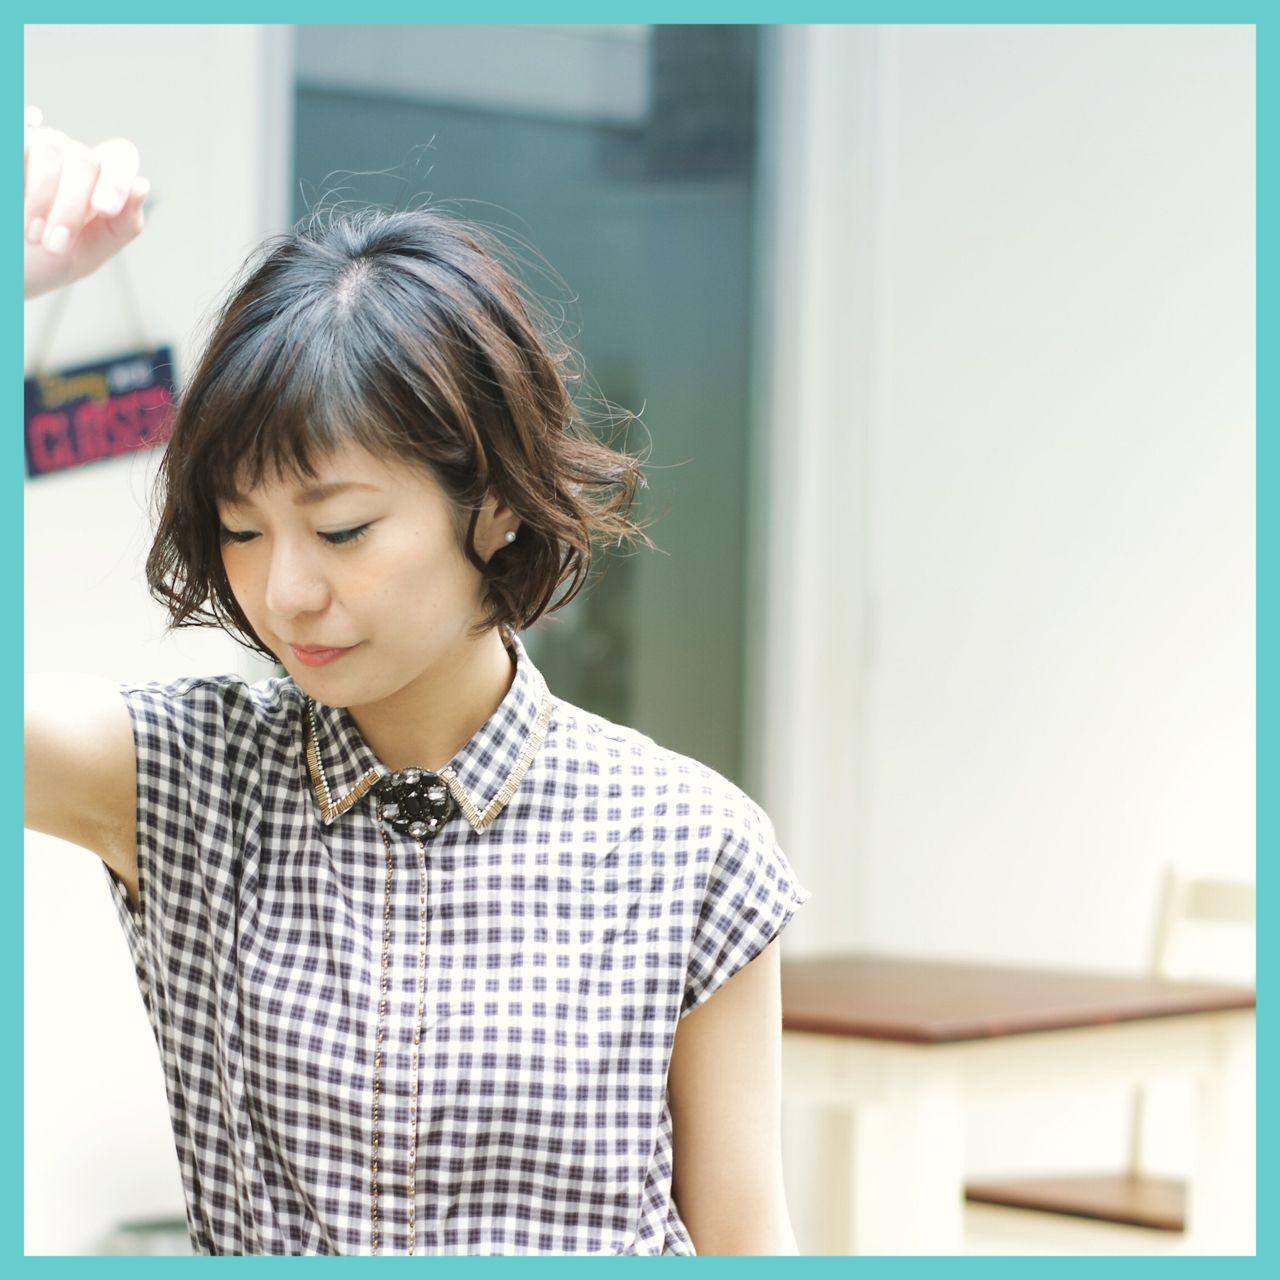 マンネリ化させない。ショートヘアさんのためのスタイリング講座。 吉田博勝 / THE CYNDi